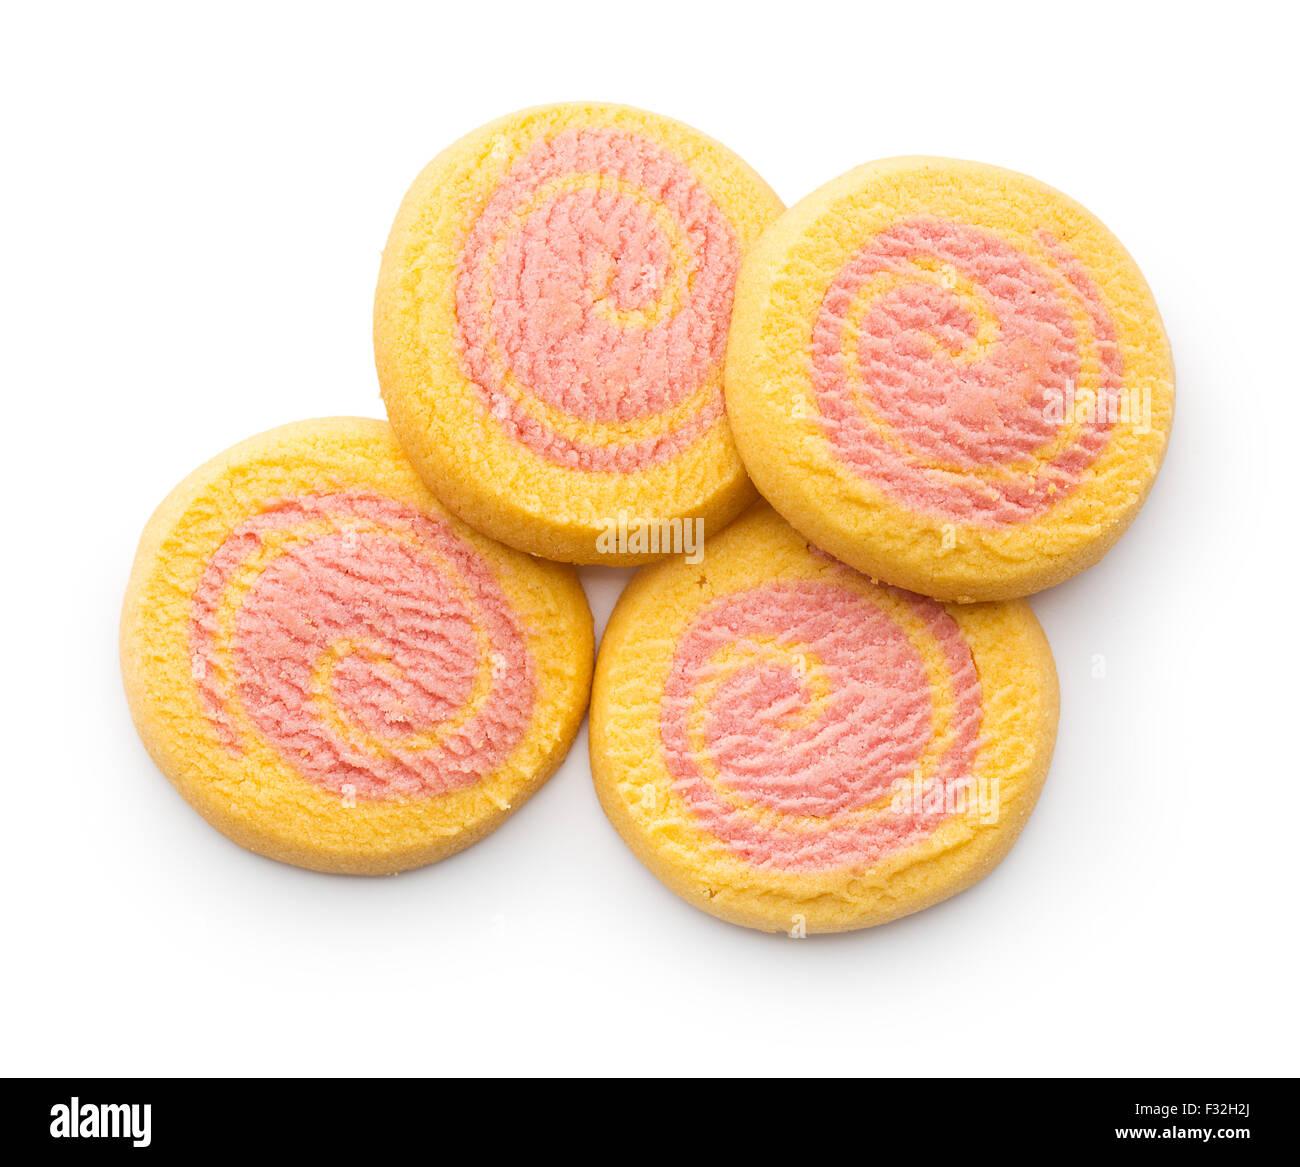 Galletas de Mantequilla de colores sobre fondo blanco. Foto de stock